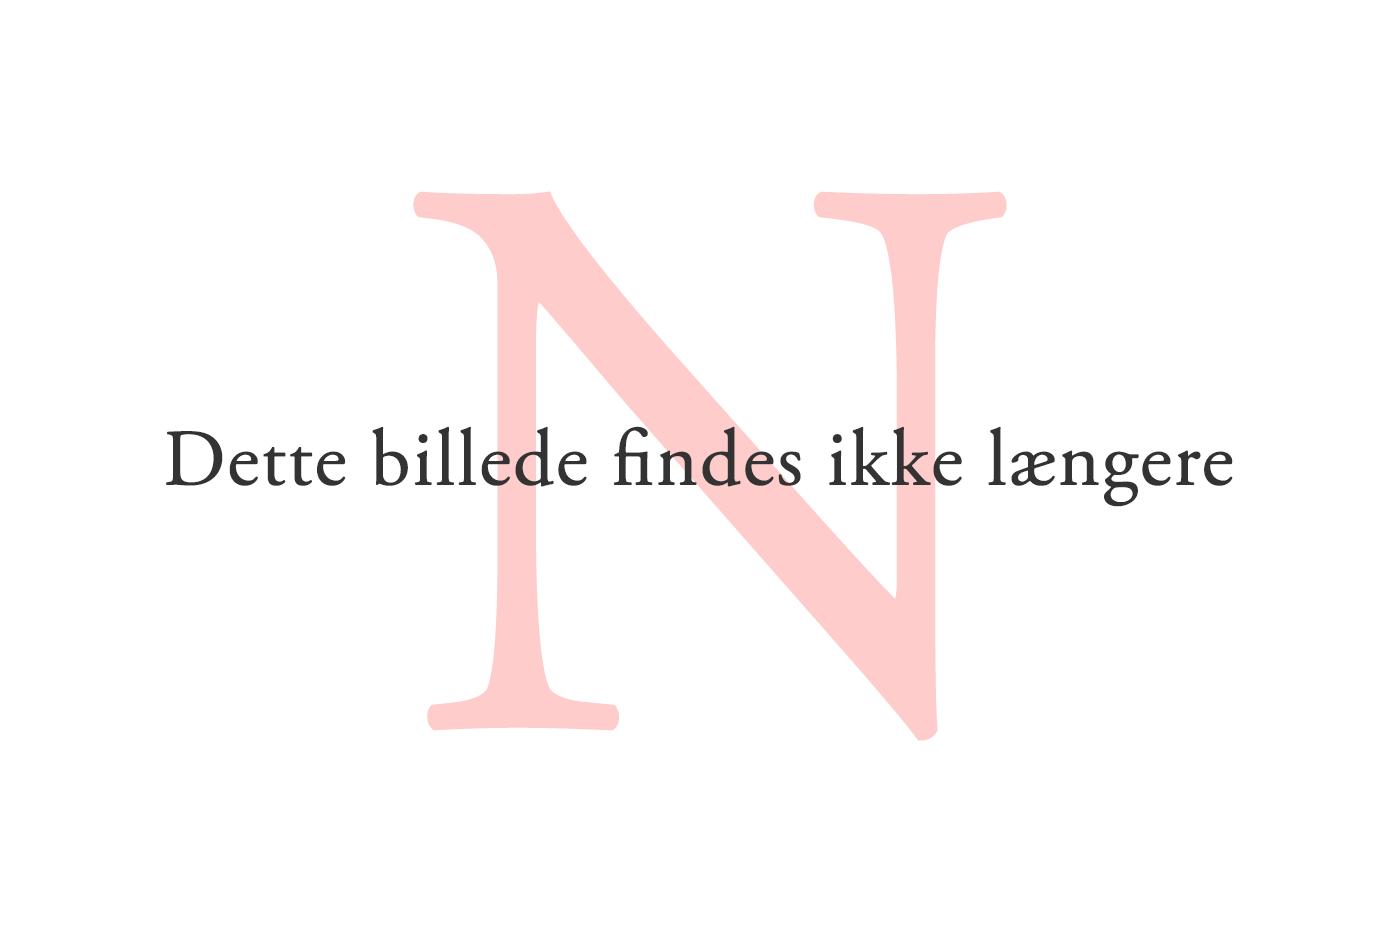 Dansk kritik af The Independent, der ikke vil anmelde bøger kun for piger eller drenge. Foto: morguefile